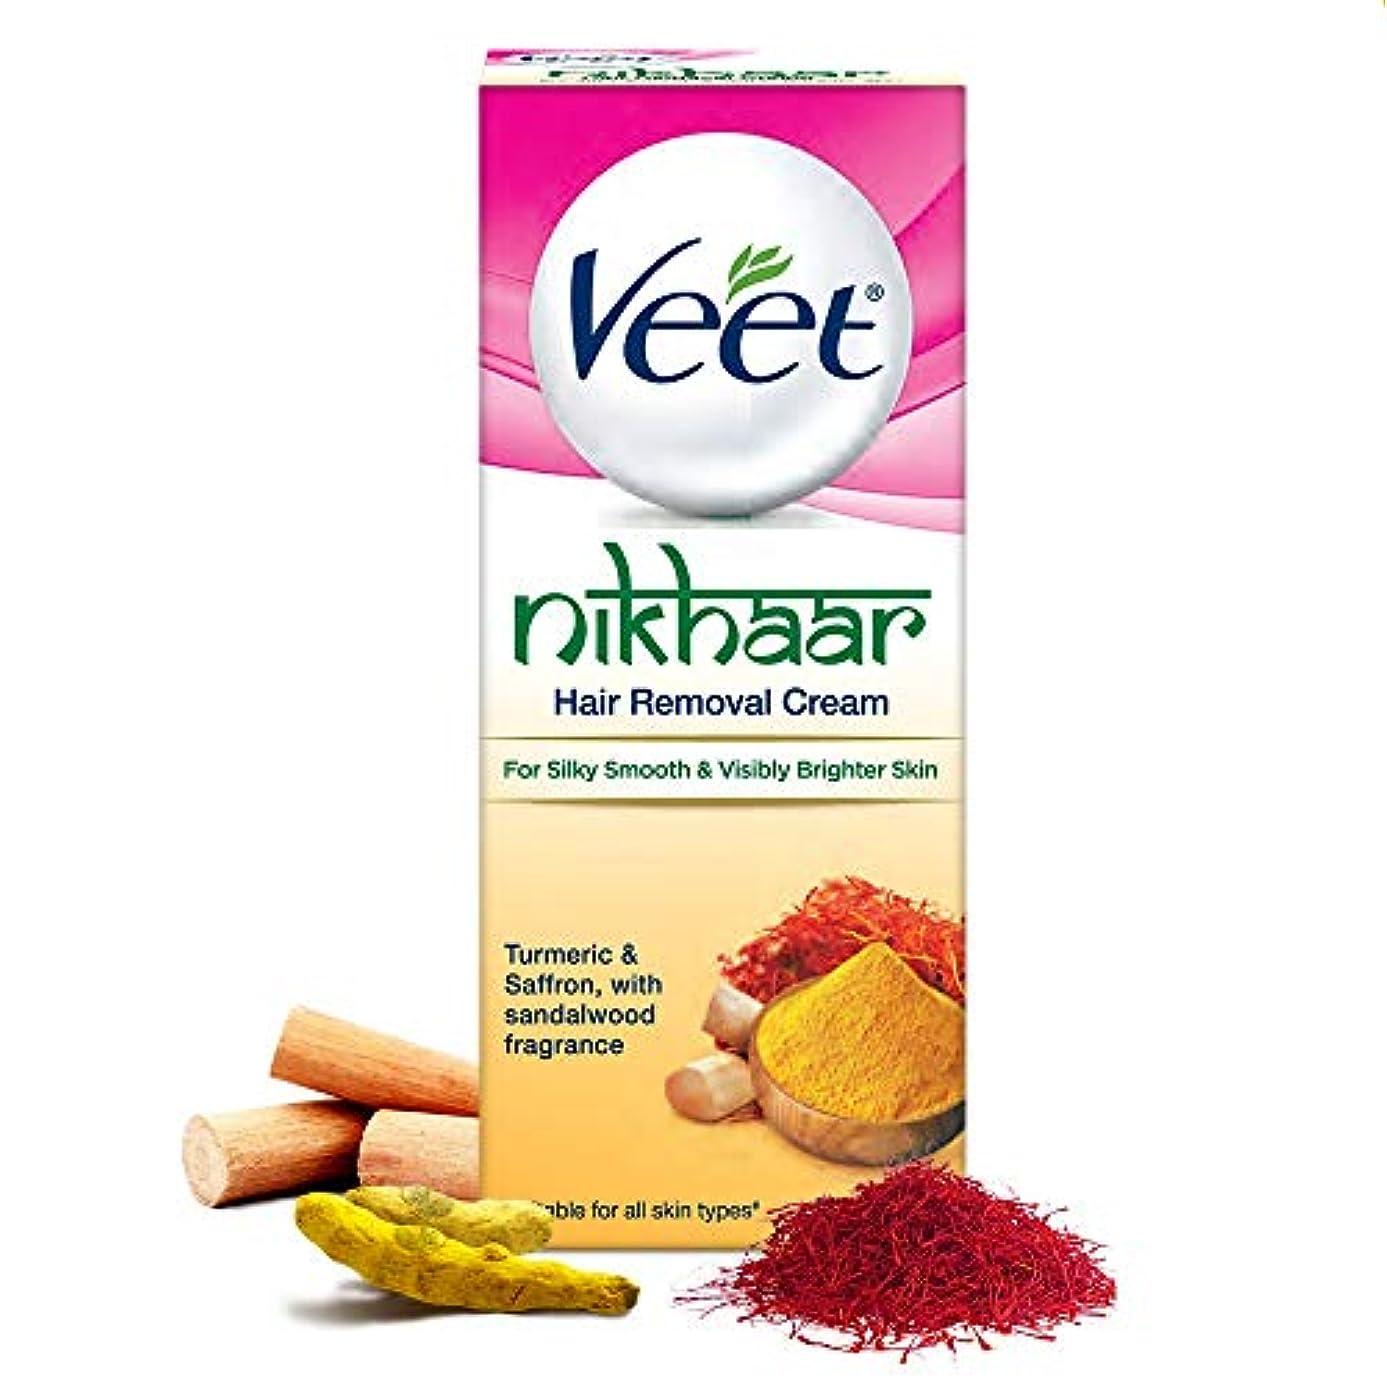 生き残りますスロベニアグローバルVeet Nikhaar Hair Removal Cream for All Skin Types, 50g - India